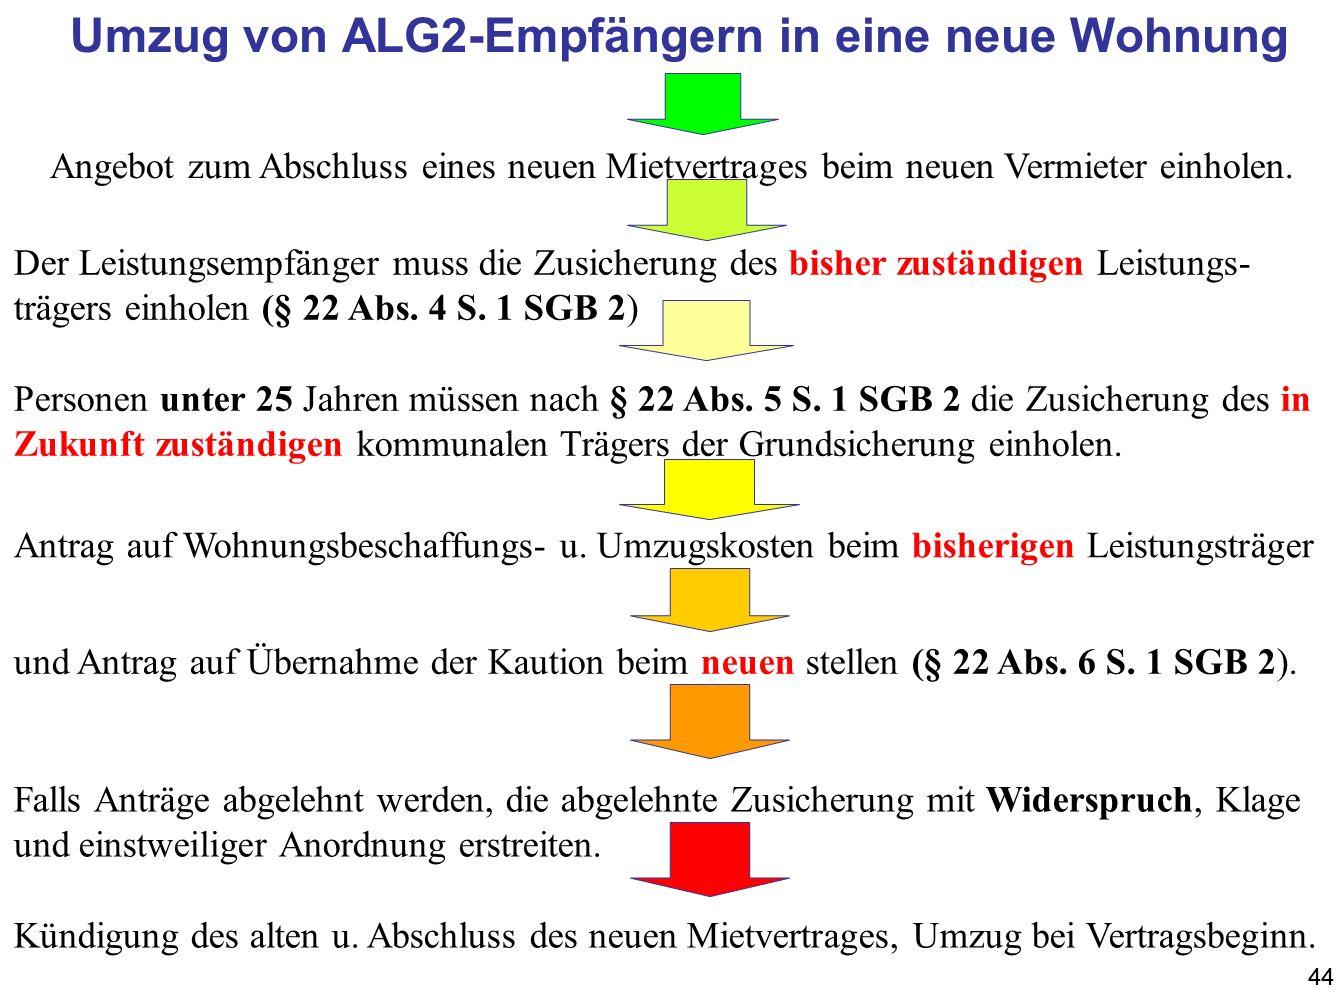 Umzug von ALG2-Empfängern in eine neue Wohnung